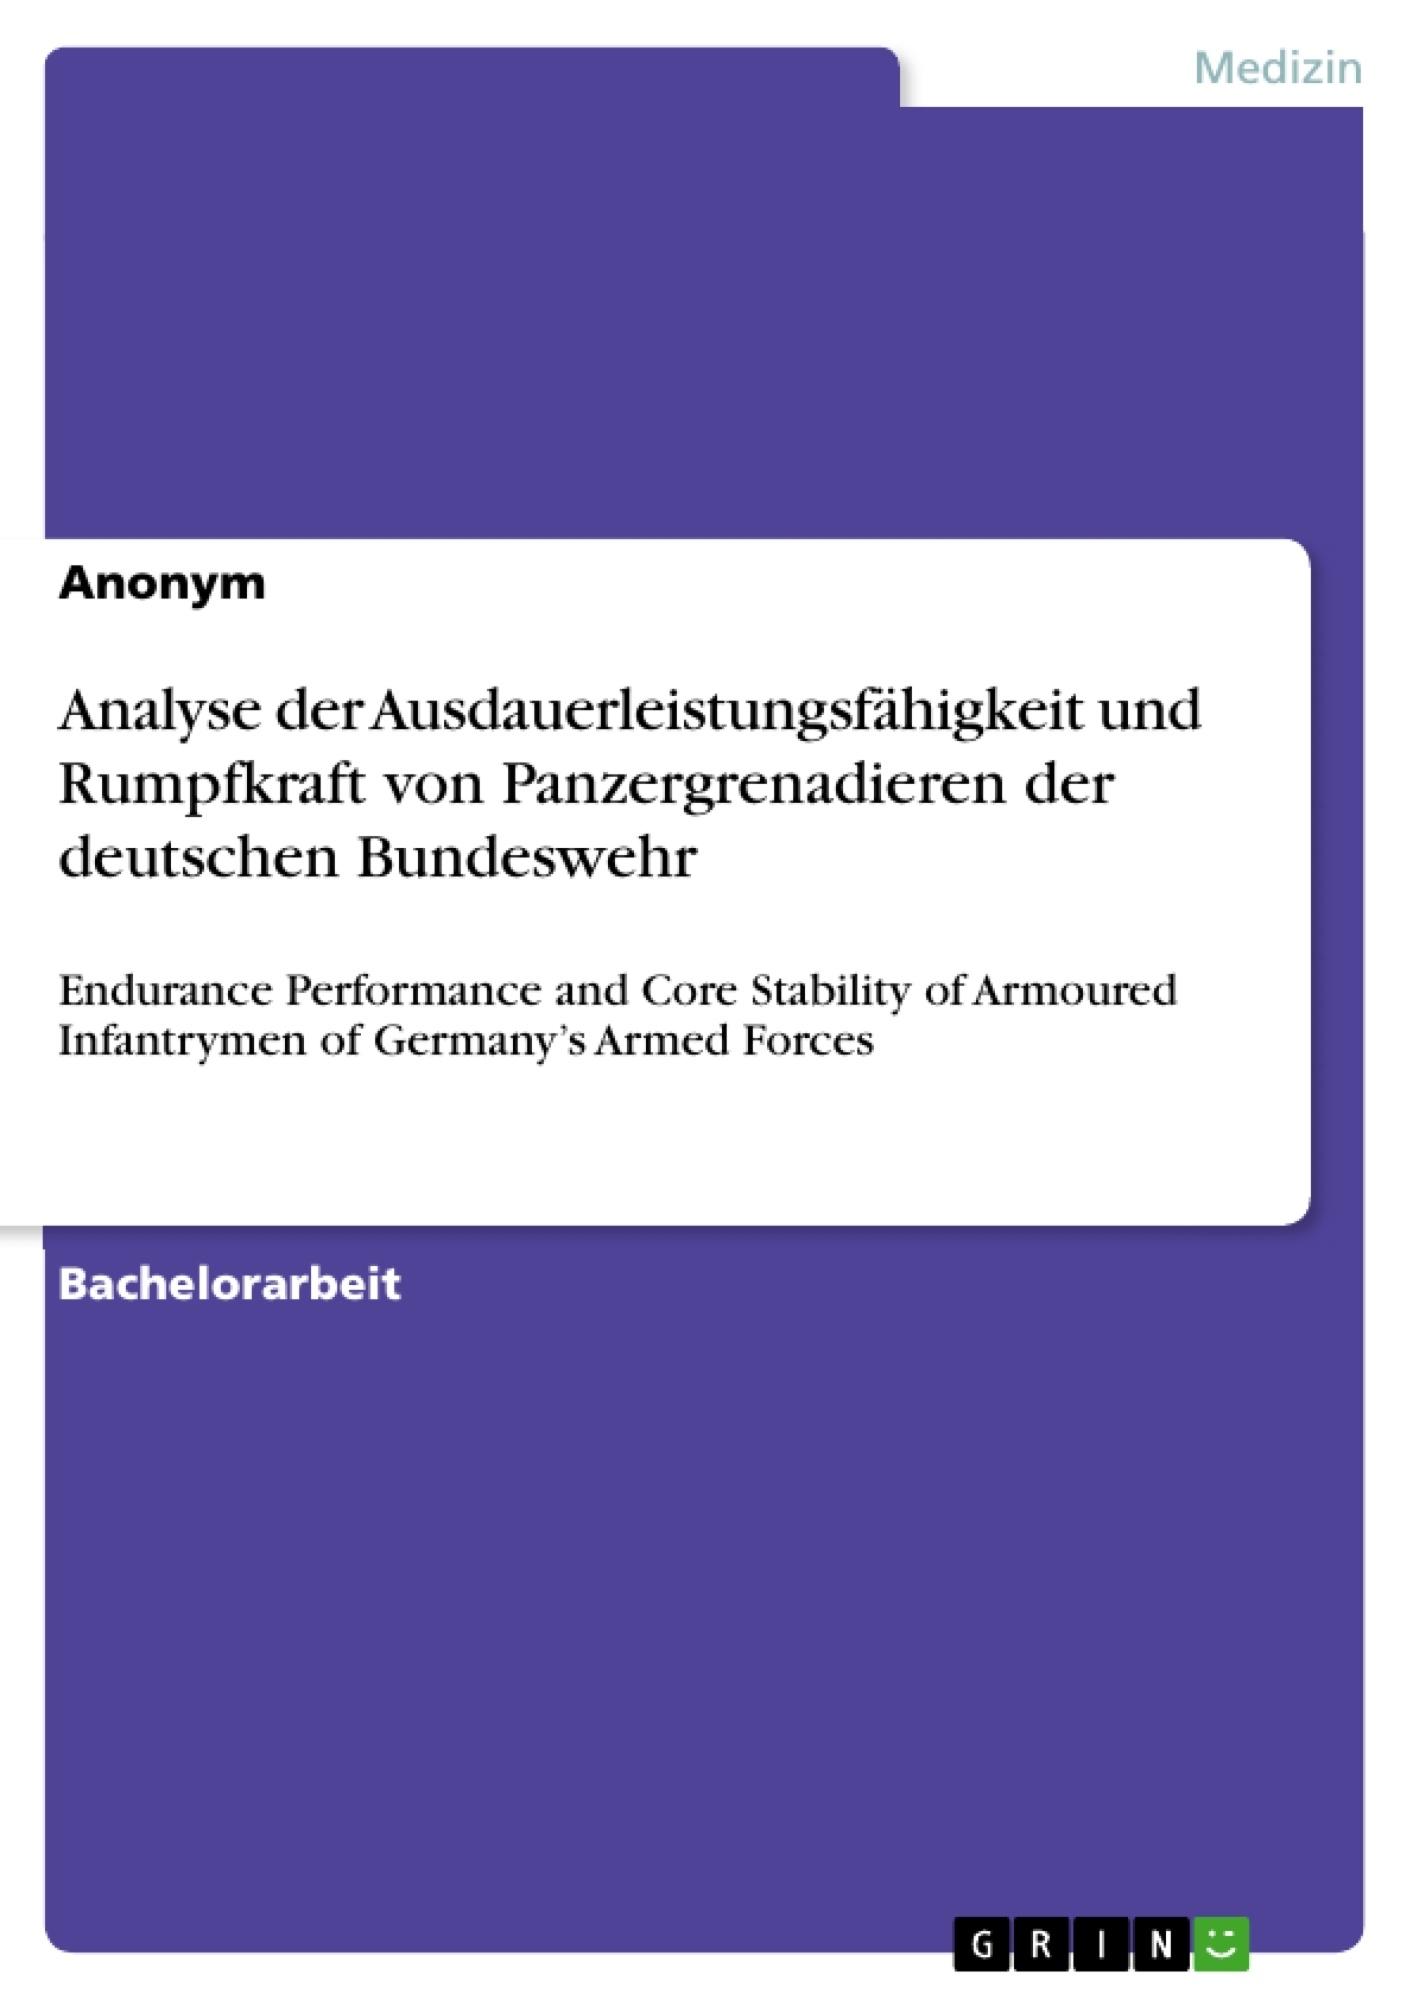 Titel: Analyse der Ausdauerleistungsfähigkeit und Rumpfkraft von Panzergrenadieren der deutschen Bundeswehr